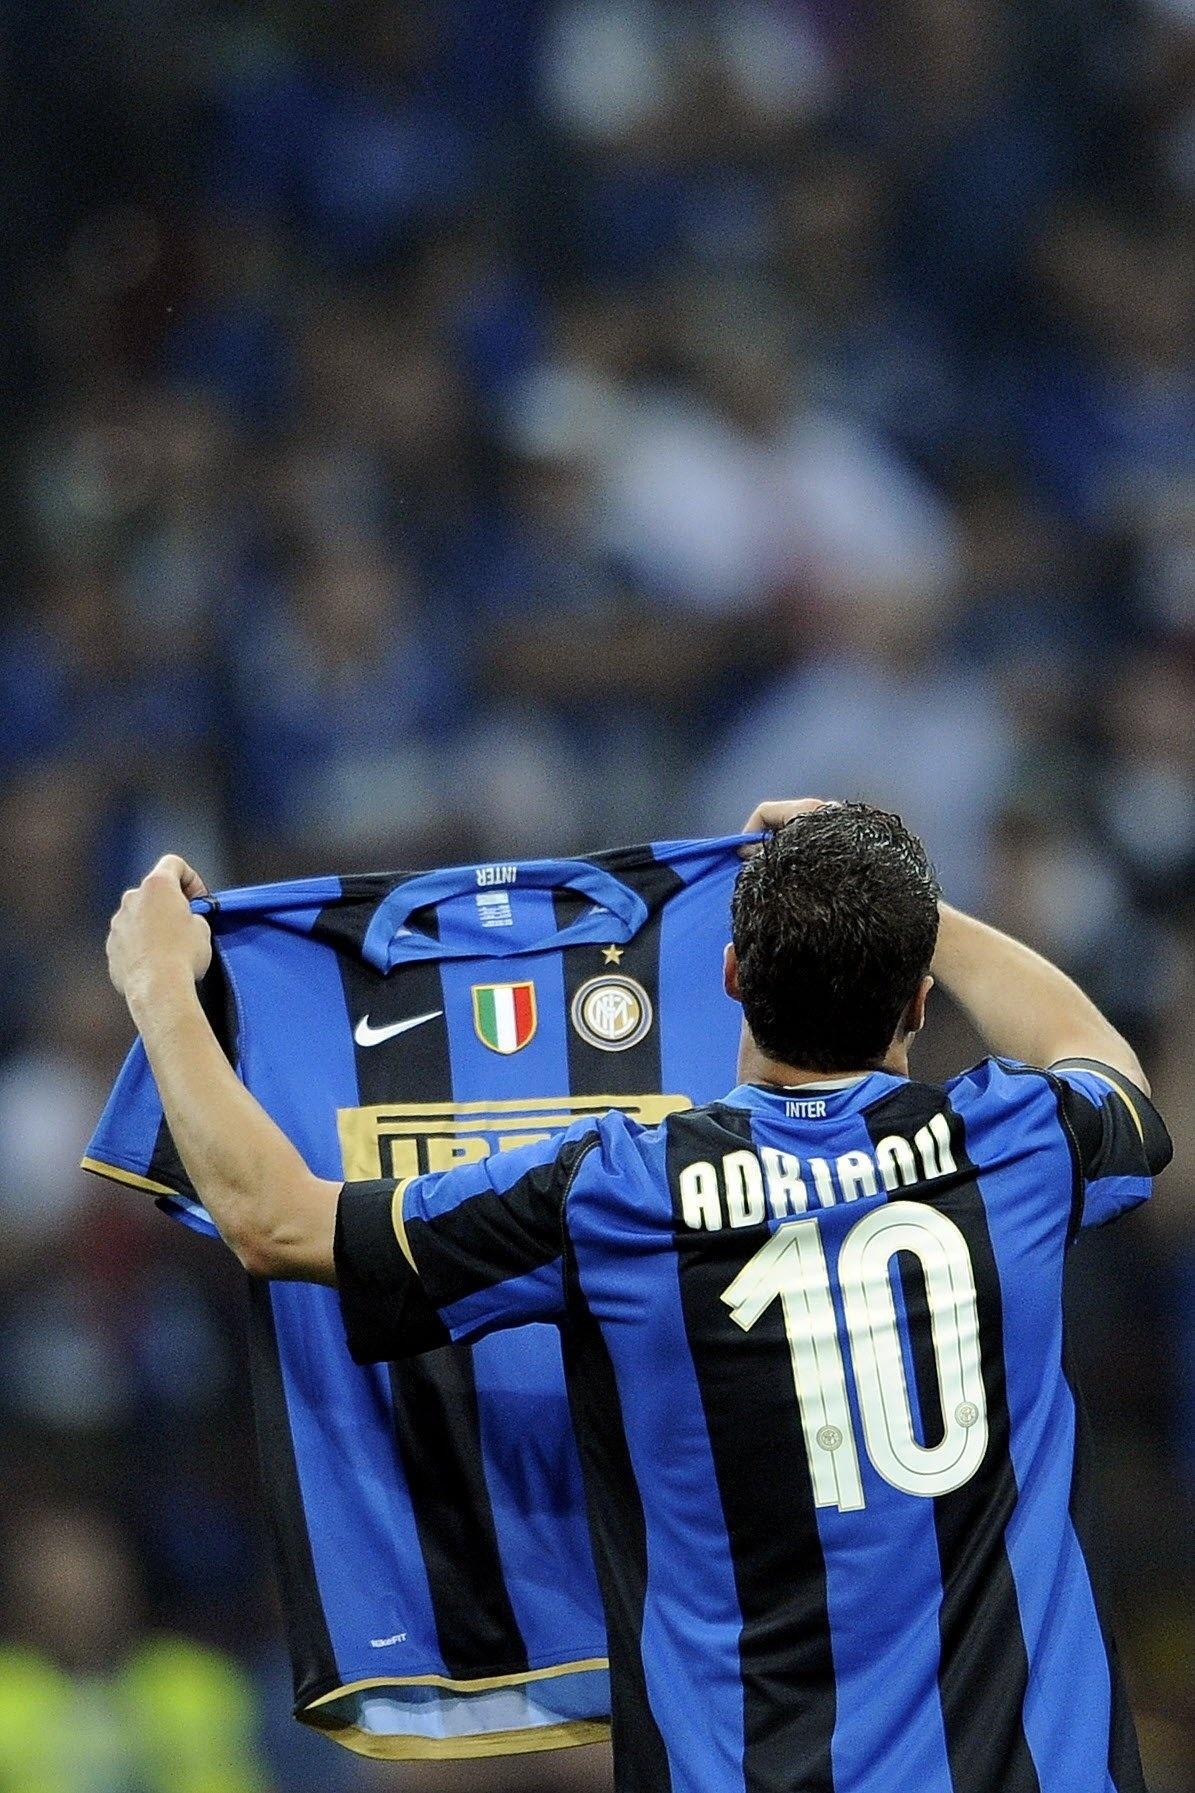 Júlio César comemora o título italiano de 2009 com a camisa do companheiro  de equipe d512c1a55448e